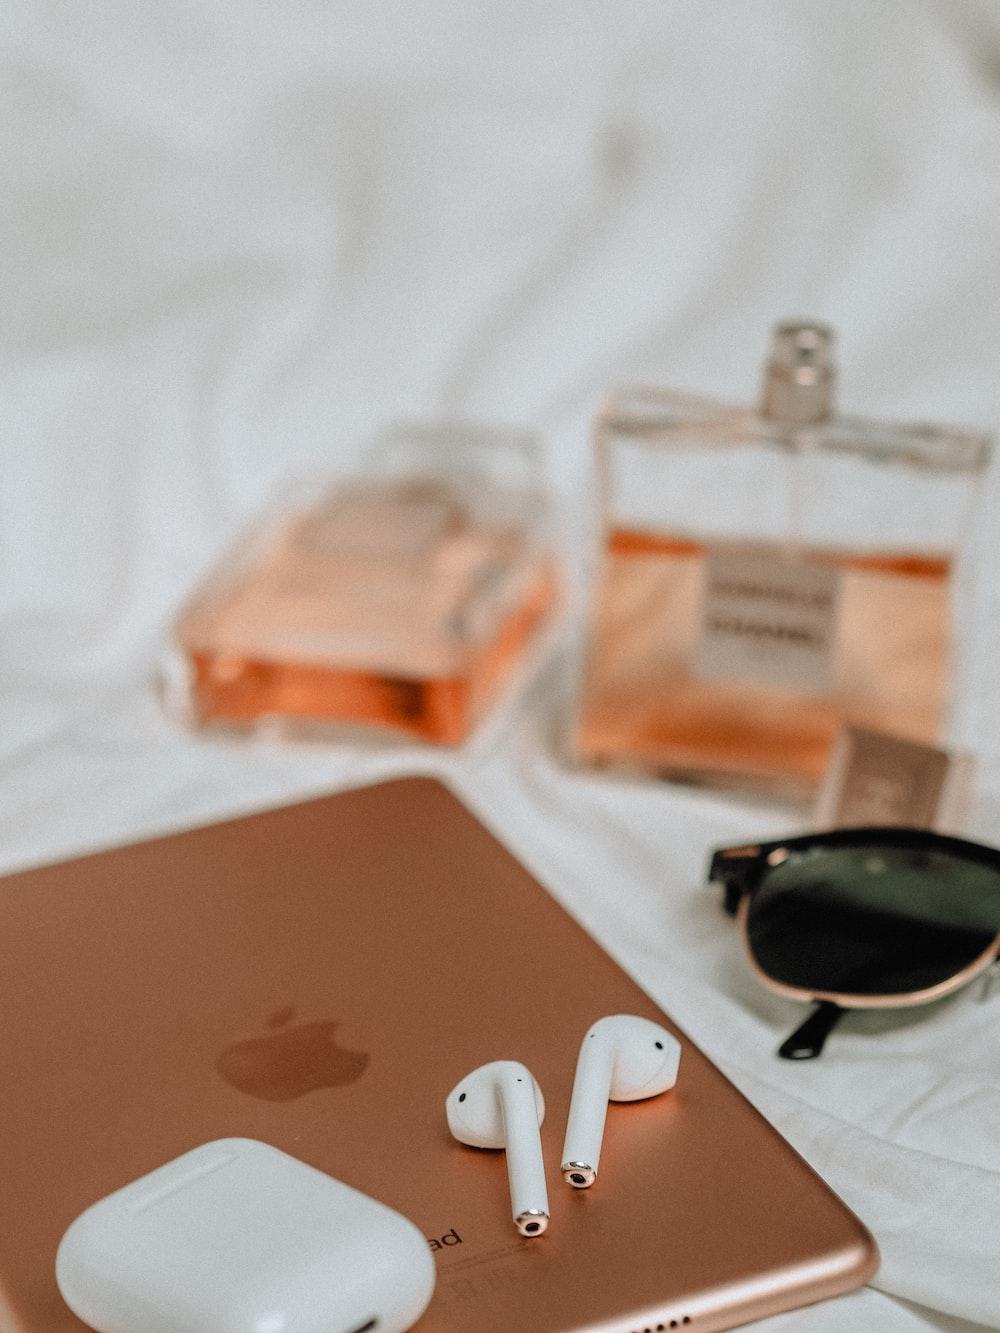 black sunglasses beside white apple earpods